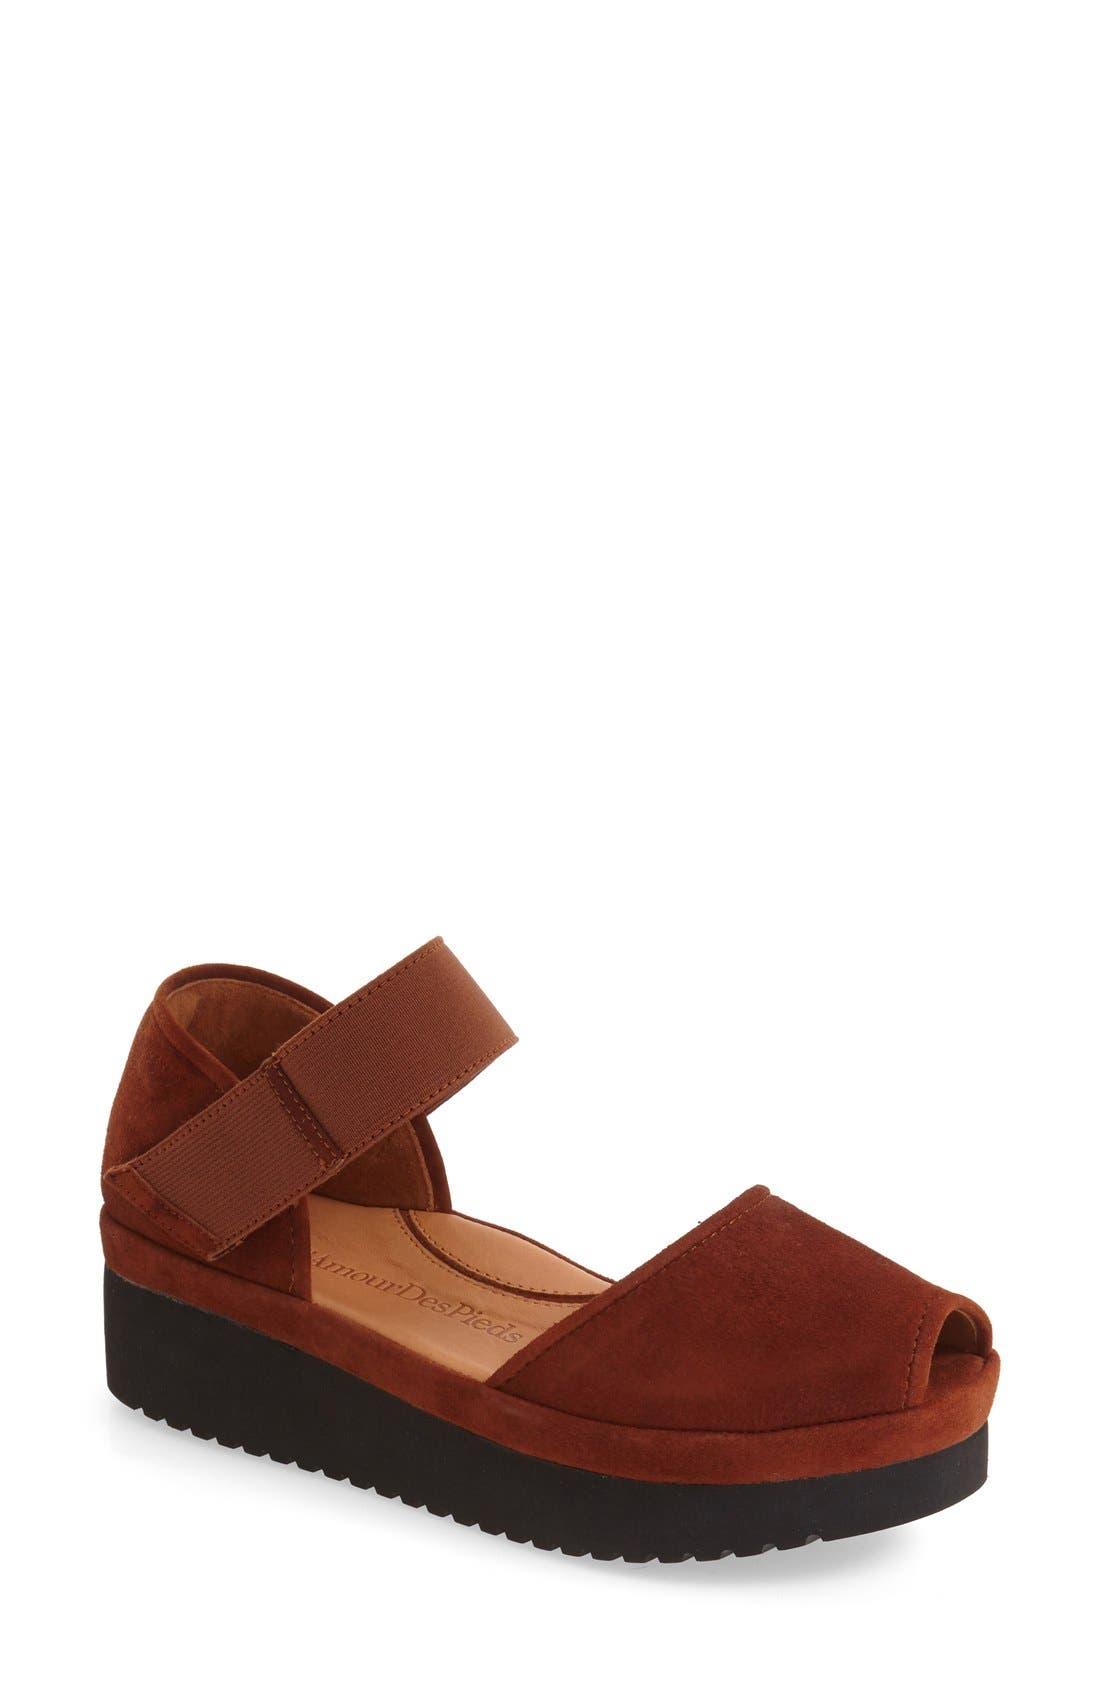 Alternate Image 1 Selected - L'Amour des Pieds 'Amadour' Platform Sandal (Women)